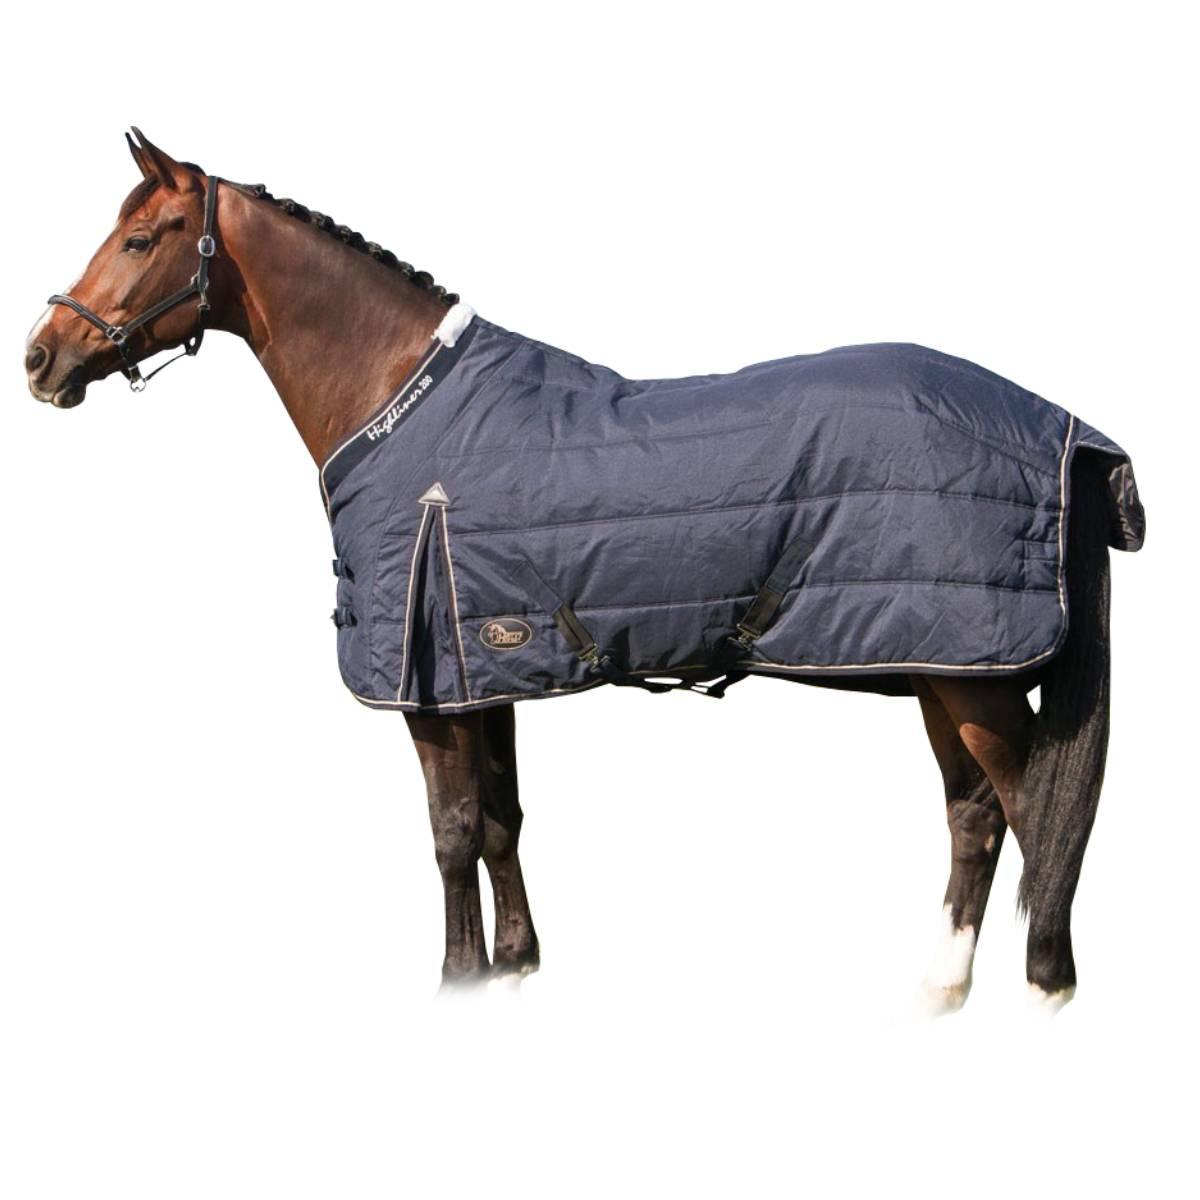 Попона для лошади: виды (зимняя, дождевая, антимоскитная), как сделать своими руками